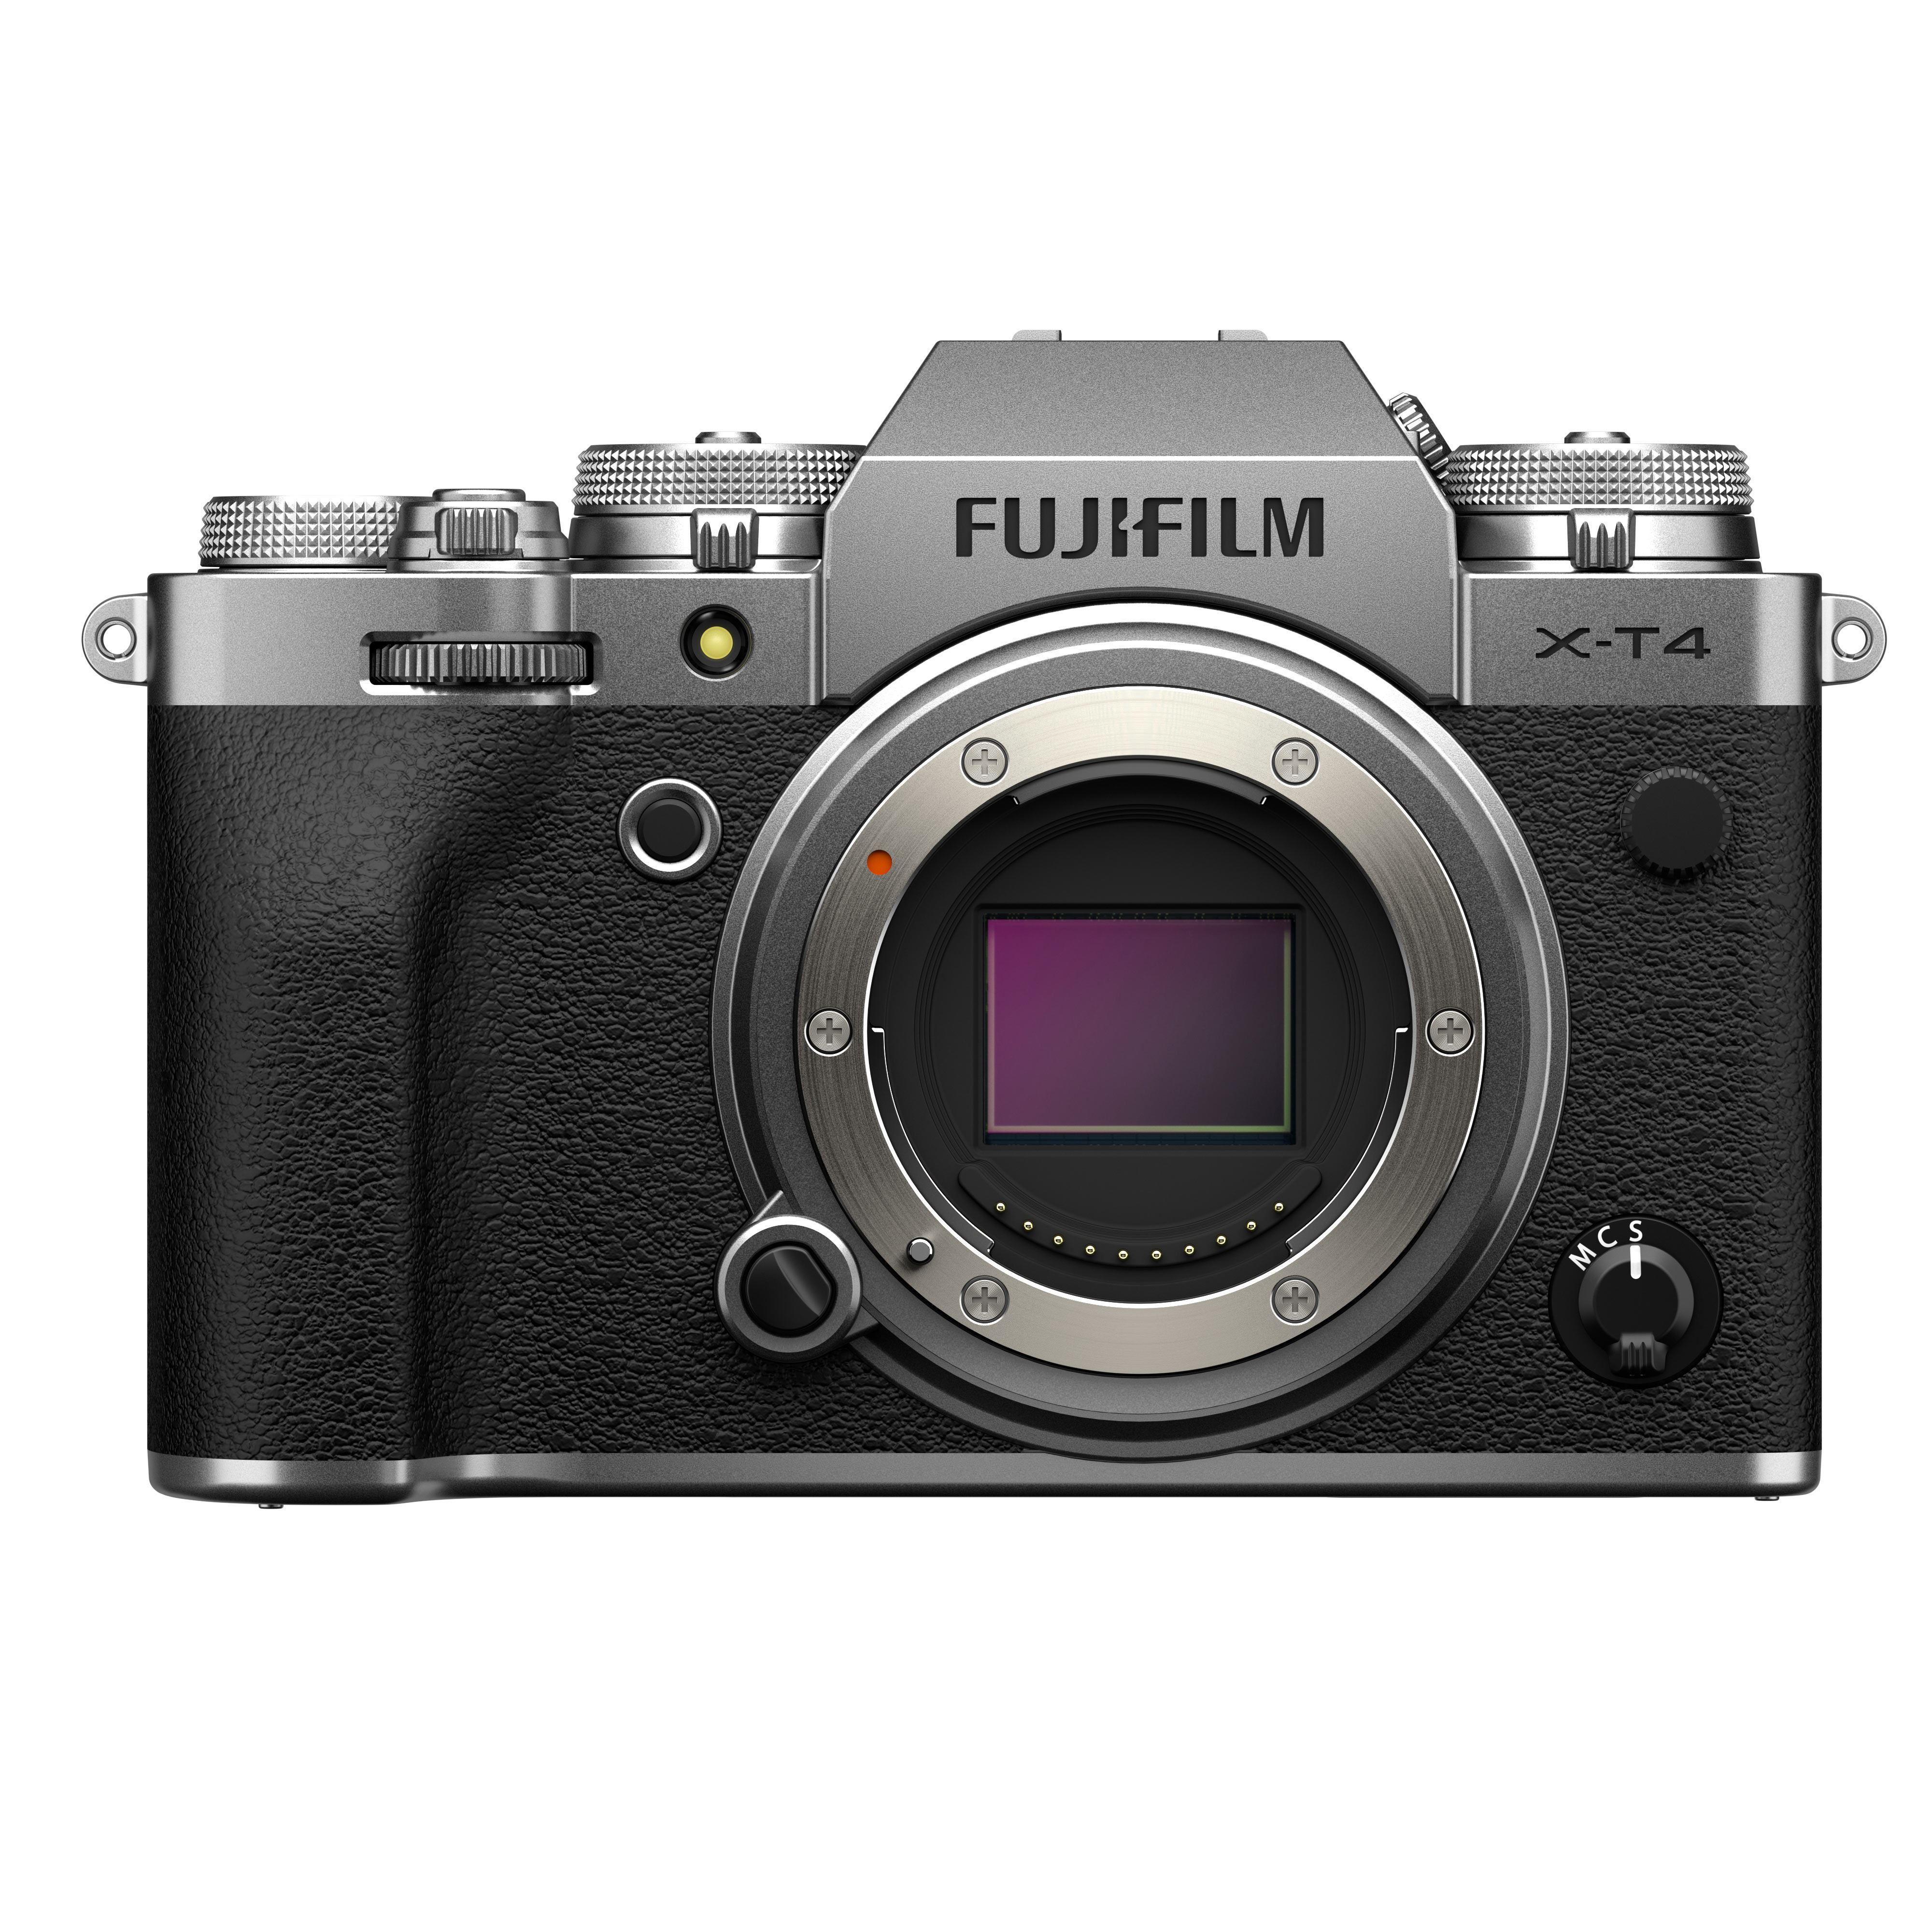 Fujifilm X-T4 Digital Camera Body - Silver